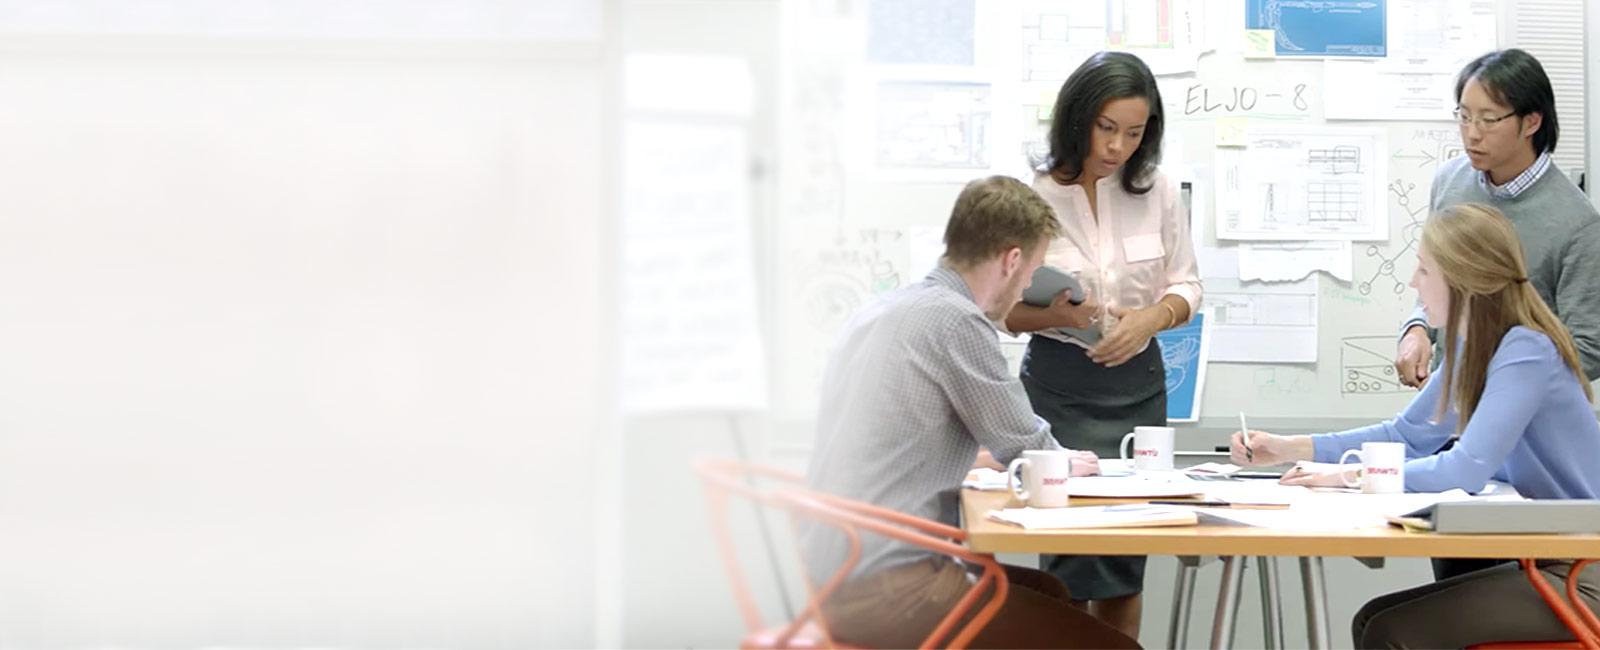 To personer står og to personer sitter ved et bord dekket av dokumenter foran en tavle.